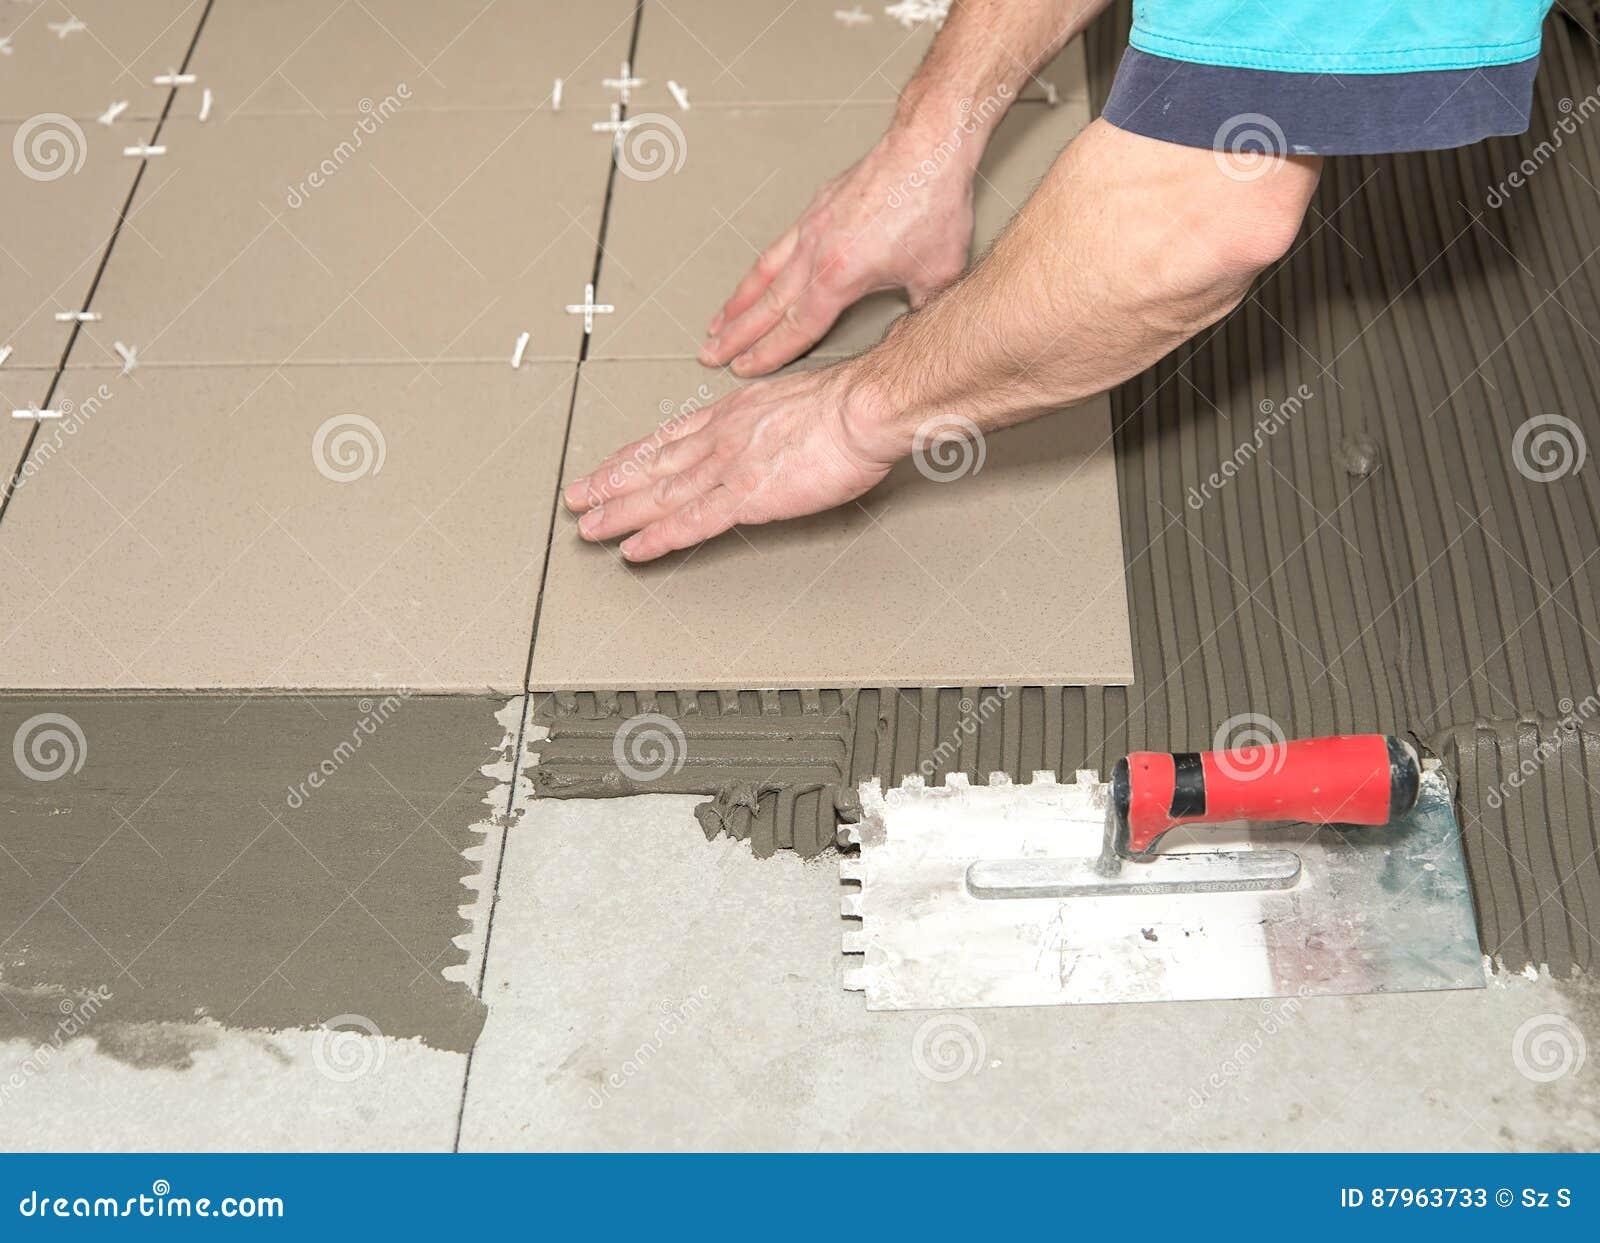 Fußboden Aus Ziegel ~ Heimwerken erneuerung bauarbeiter deckt keramikziegel mit